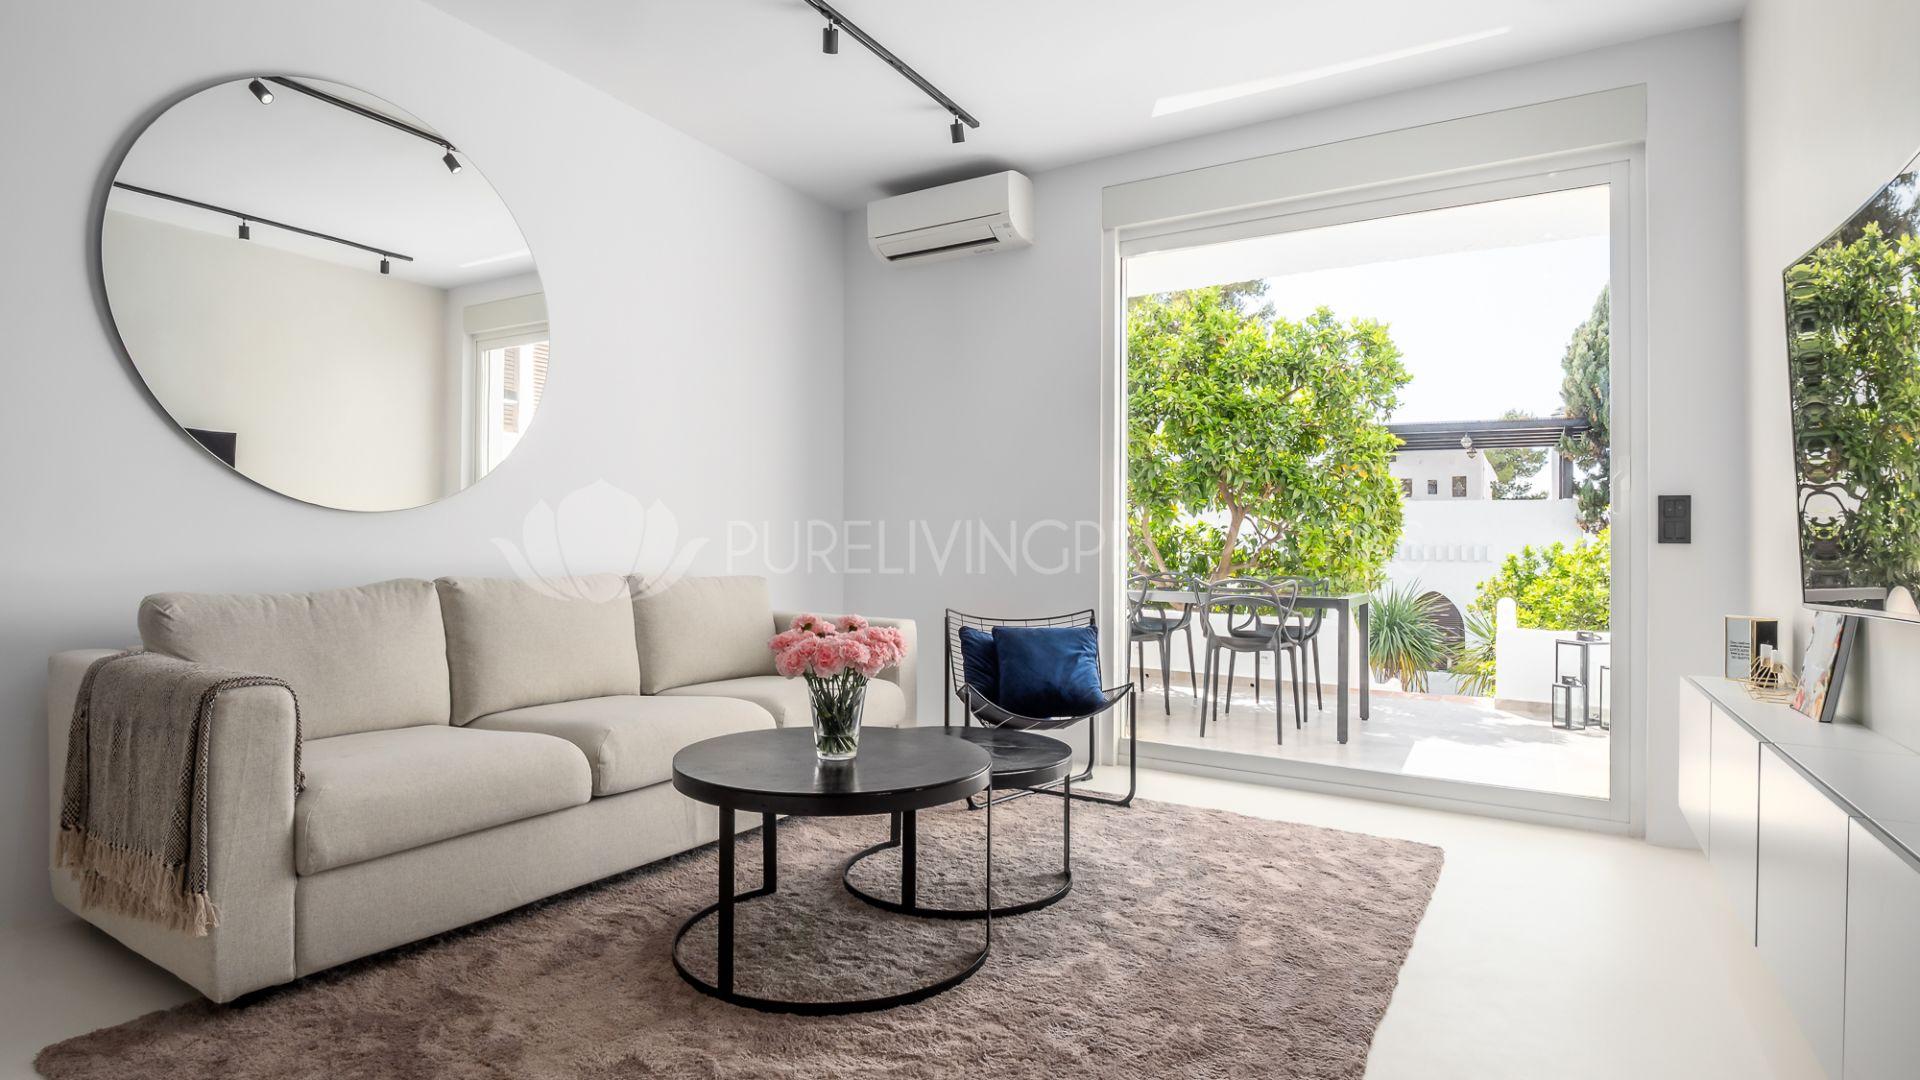 Charming refurbished apartment in Pueblo Arabesque, Nueva Andalucia.